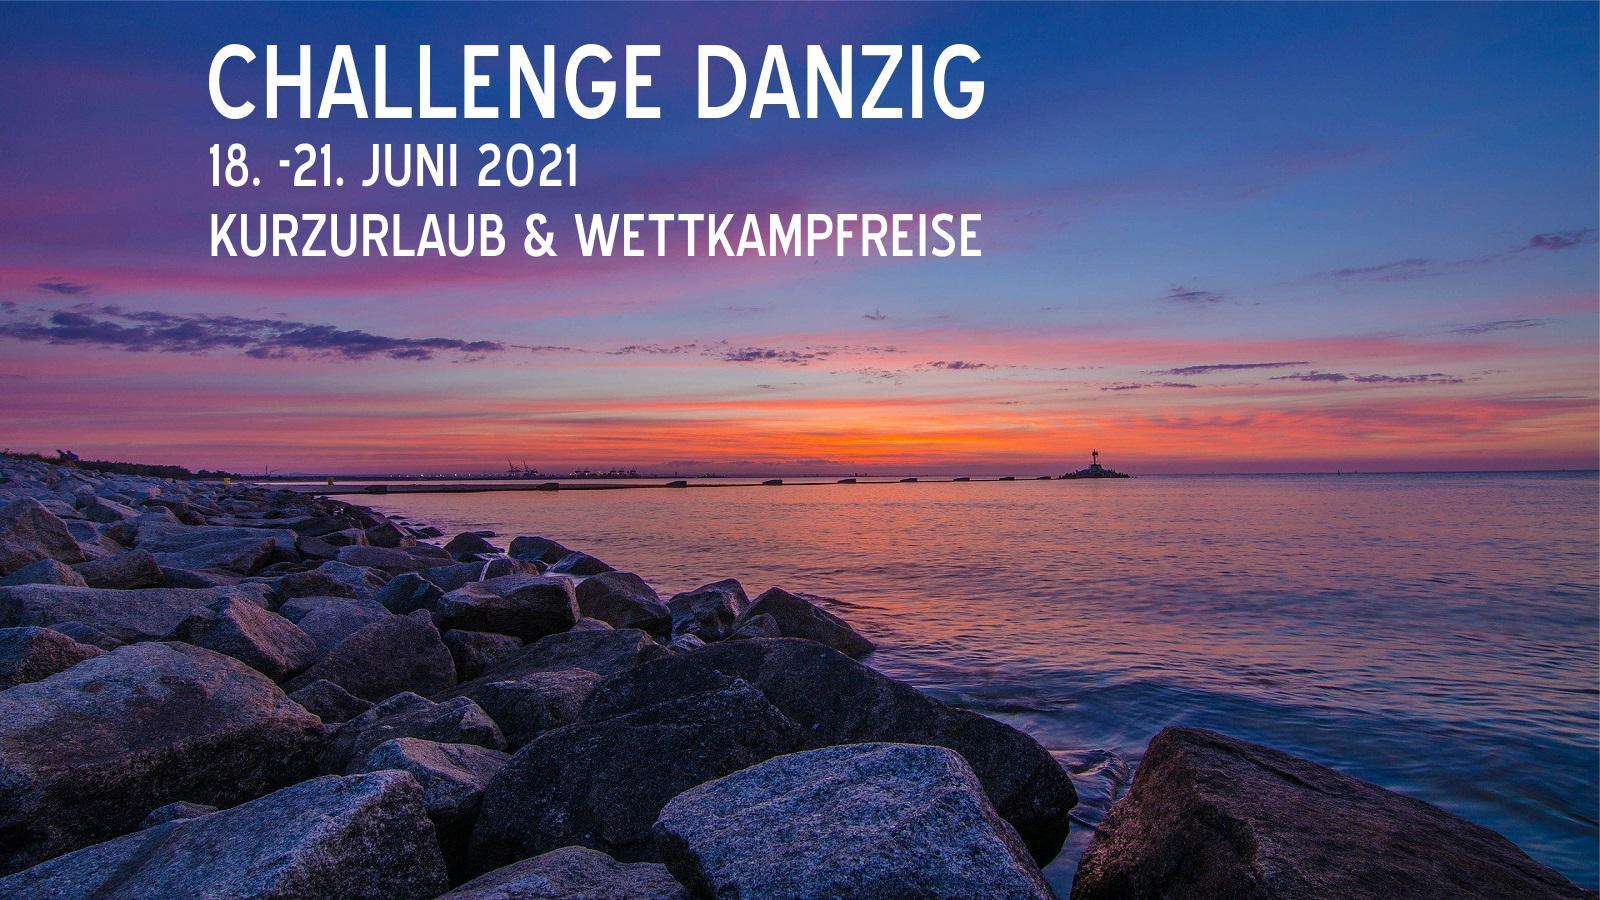 Challenge Danzig Polen - 18. bis 21. Juni 2021 Transfer